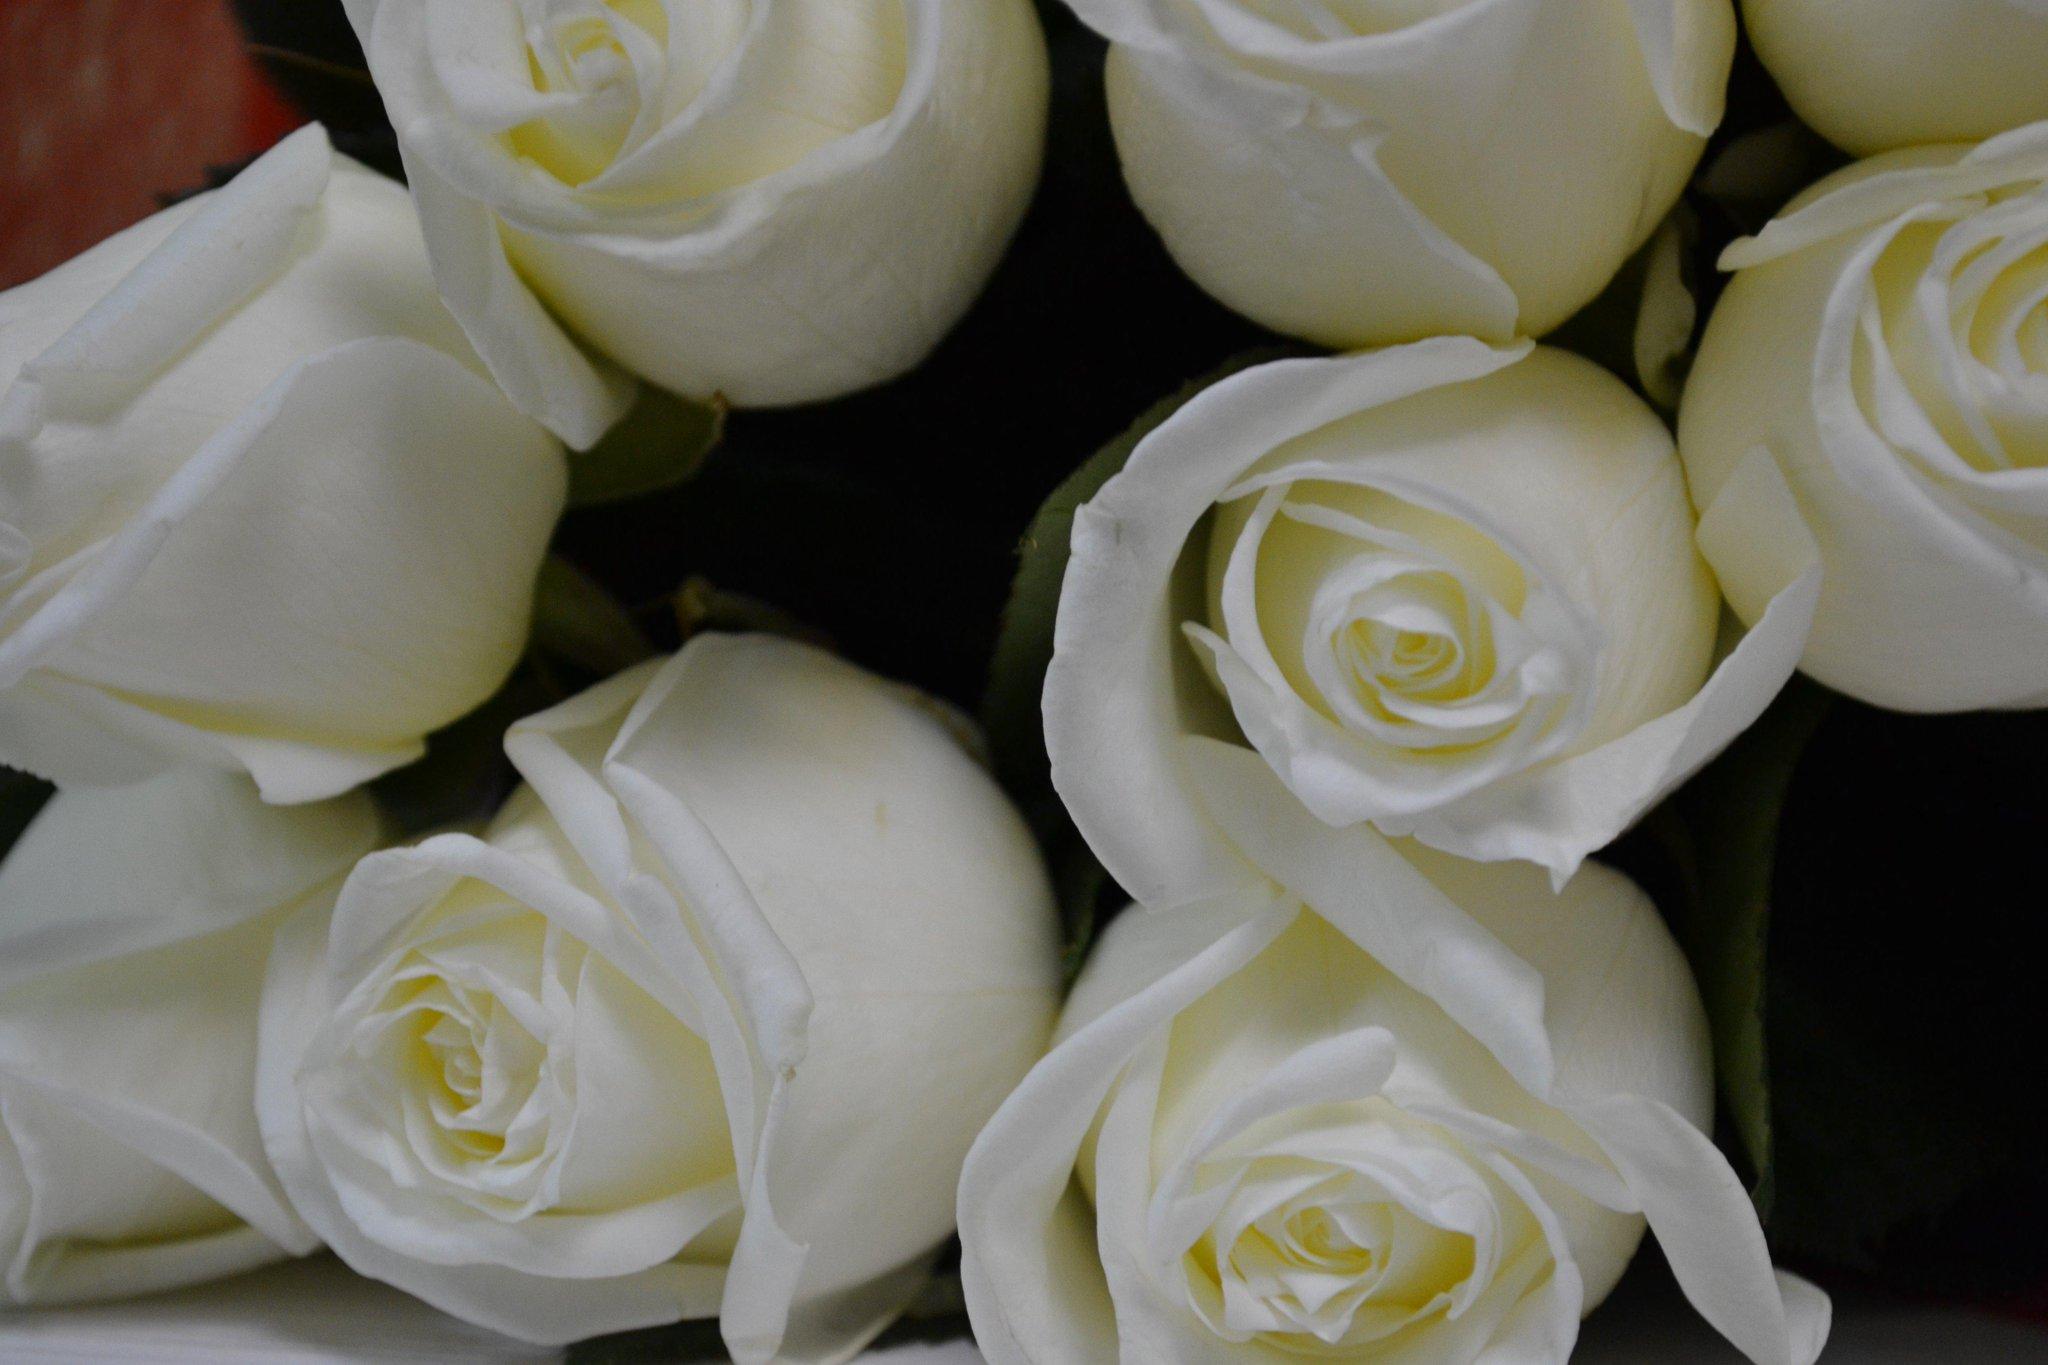 правила букеты белых роз для любимой фото растут